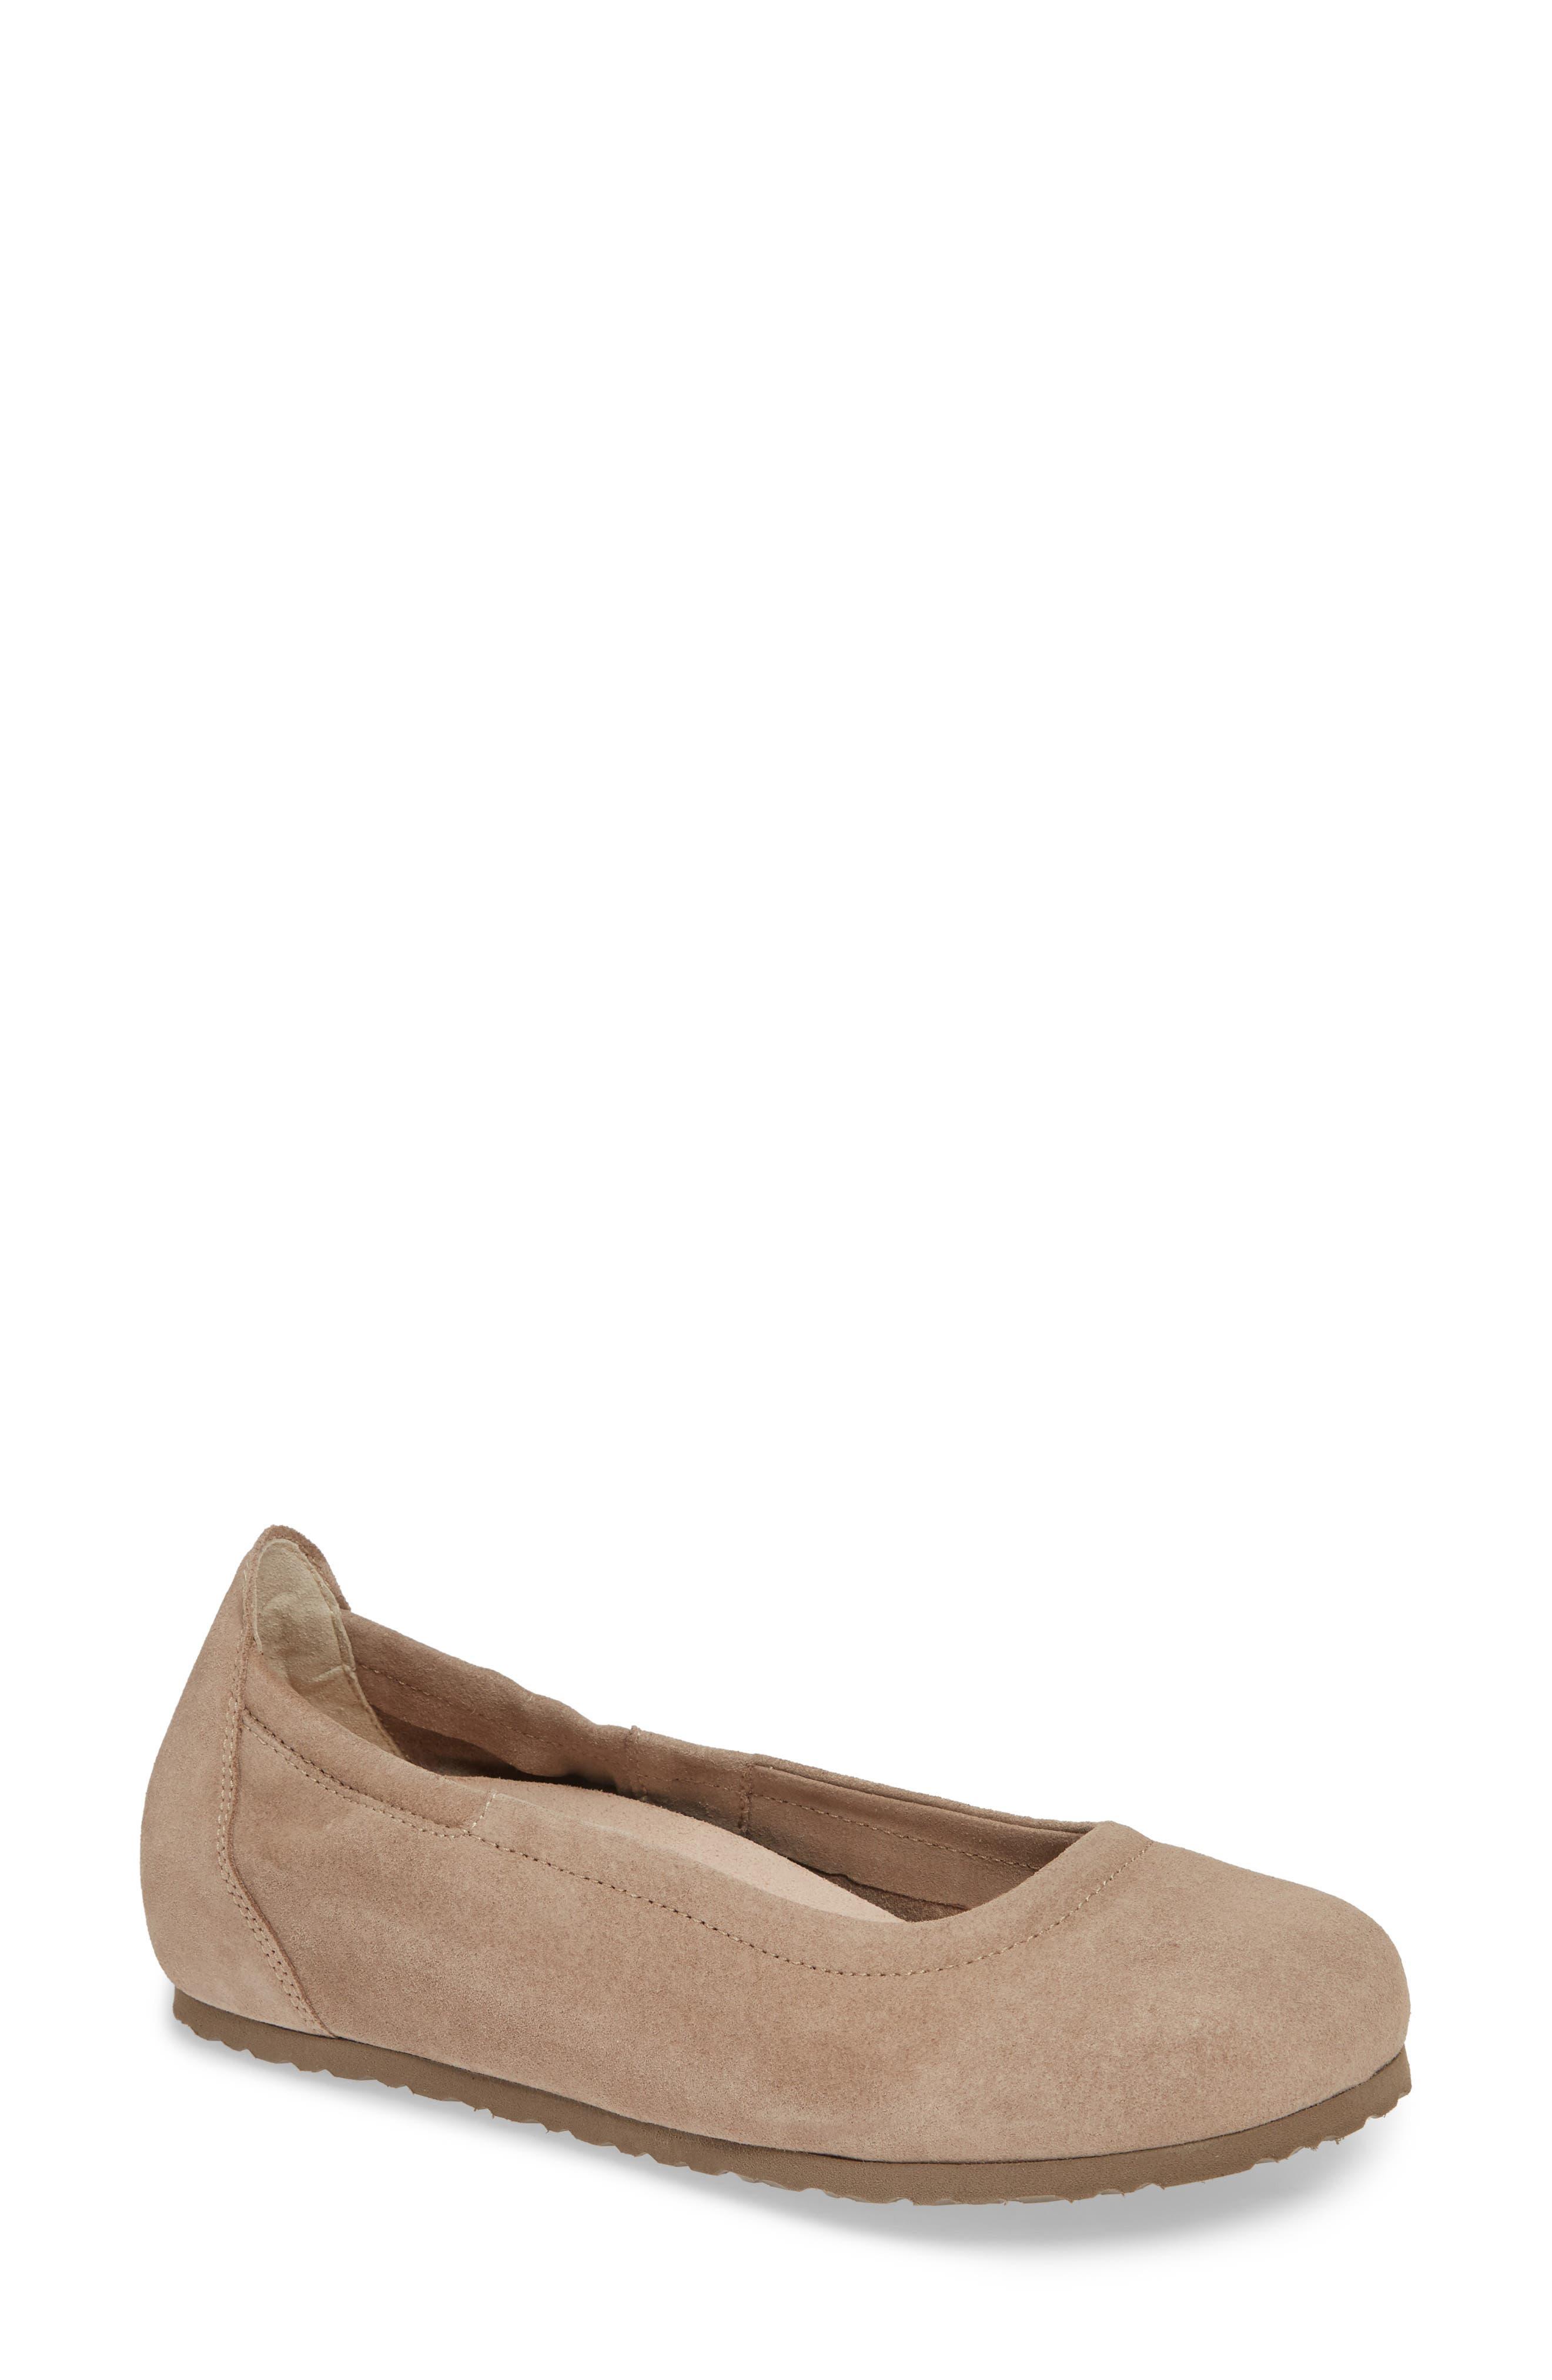 Birkenstock Celina II Ballet Flat